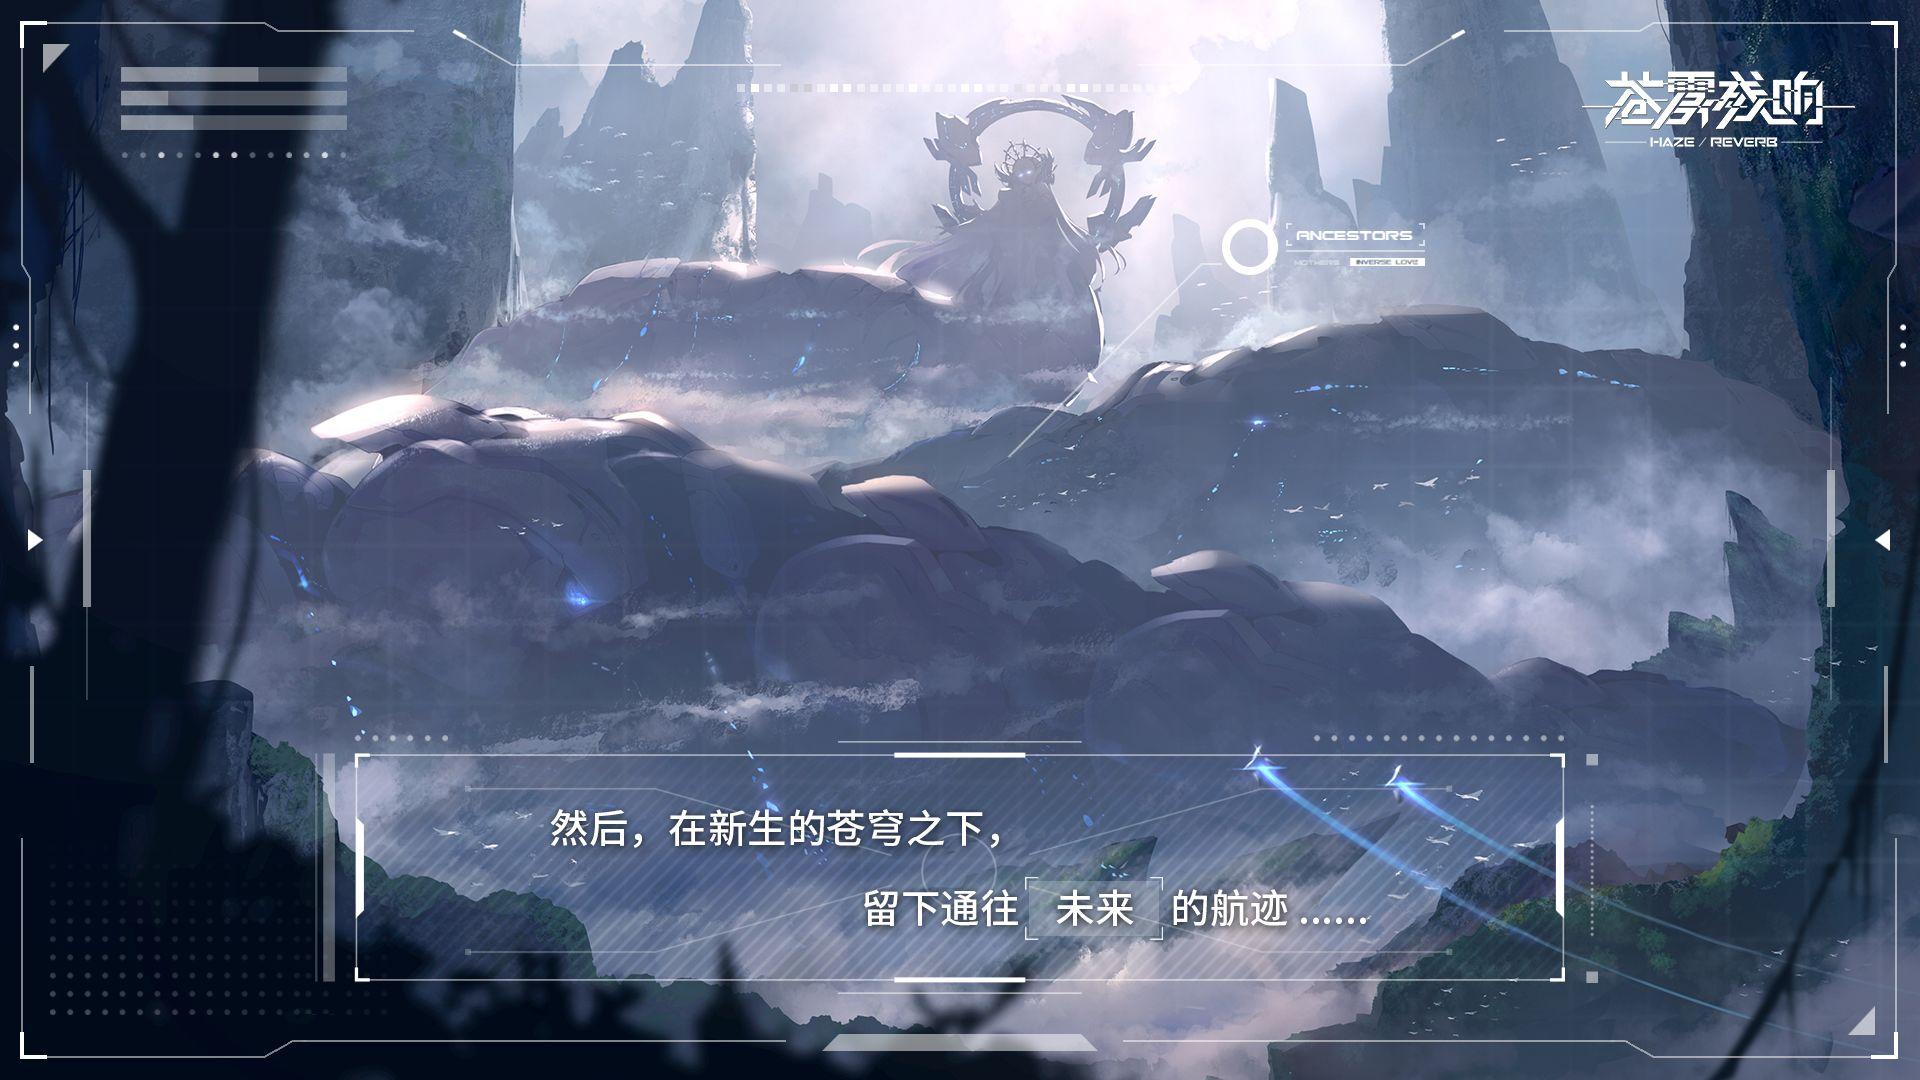 苍雾残响游戏-苍雾残响下载-苍雾残响安卓/ios/pc版-攻略-兑换码-飞翔游戏库